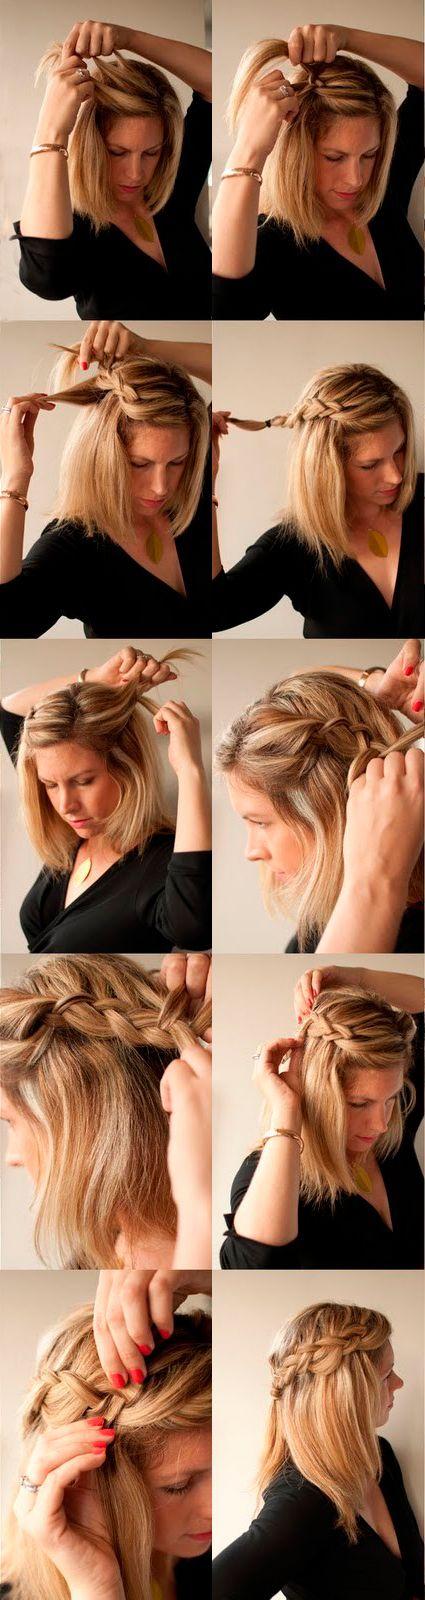 Прическа на каждый день своими руками на средние волосы пошагово 91